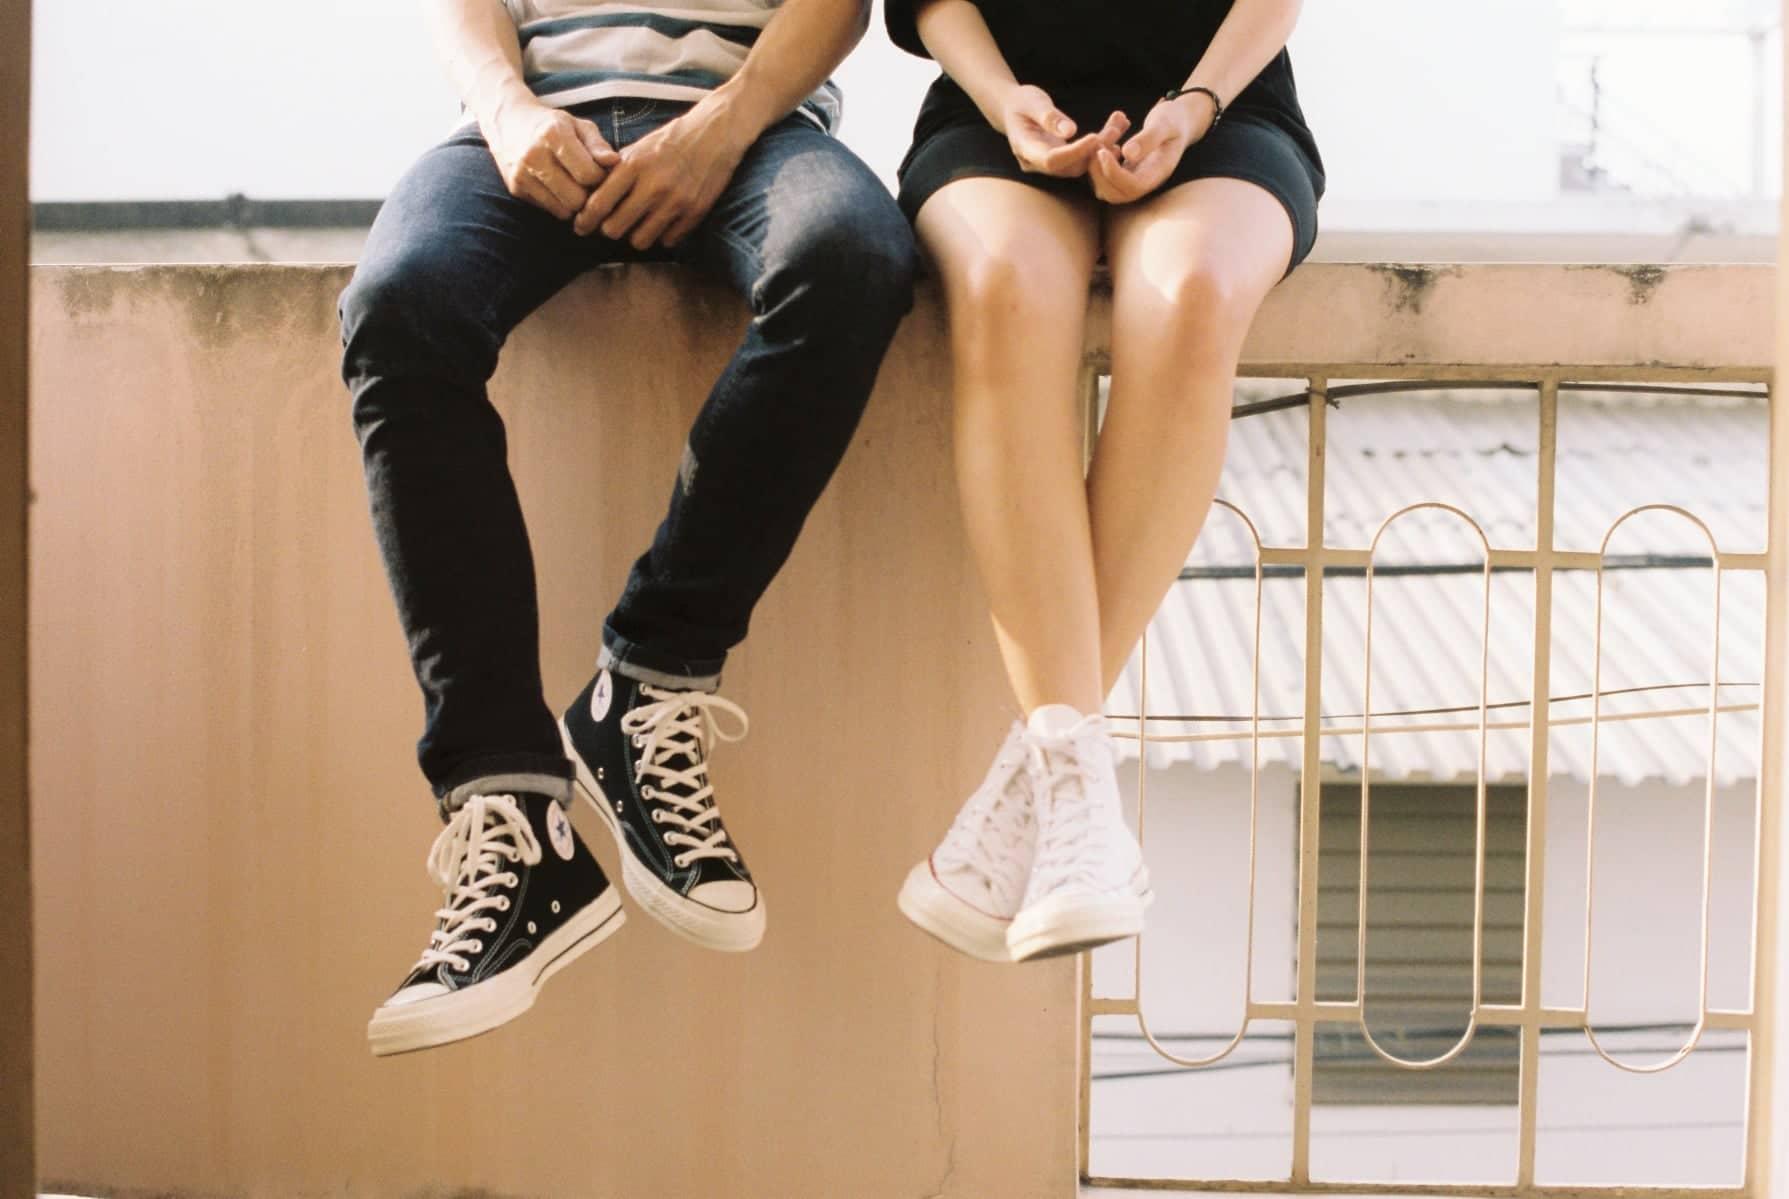 No somos sexos opuestos, somos sexos complementarios